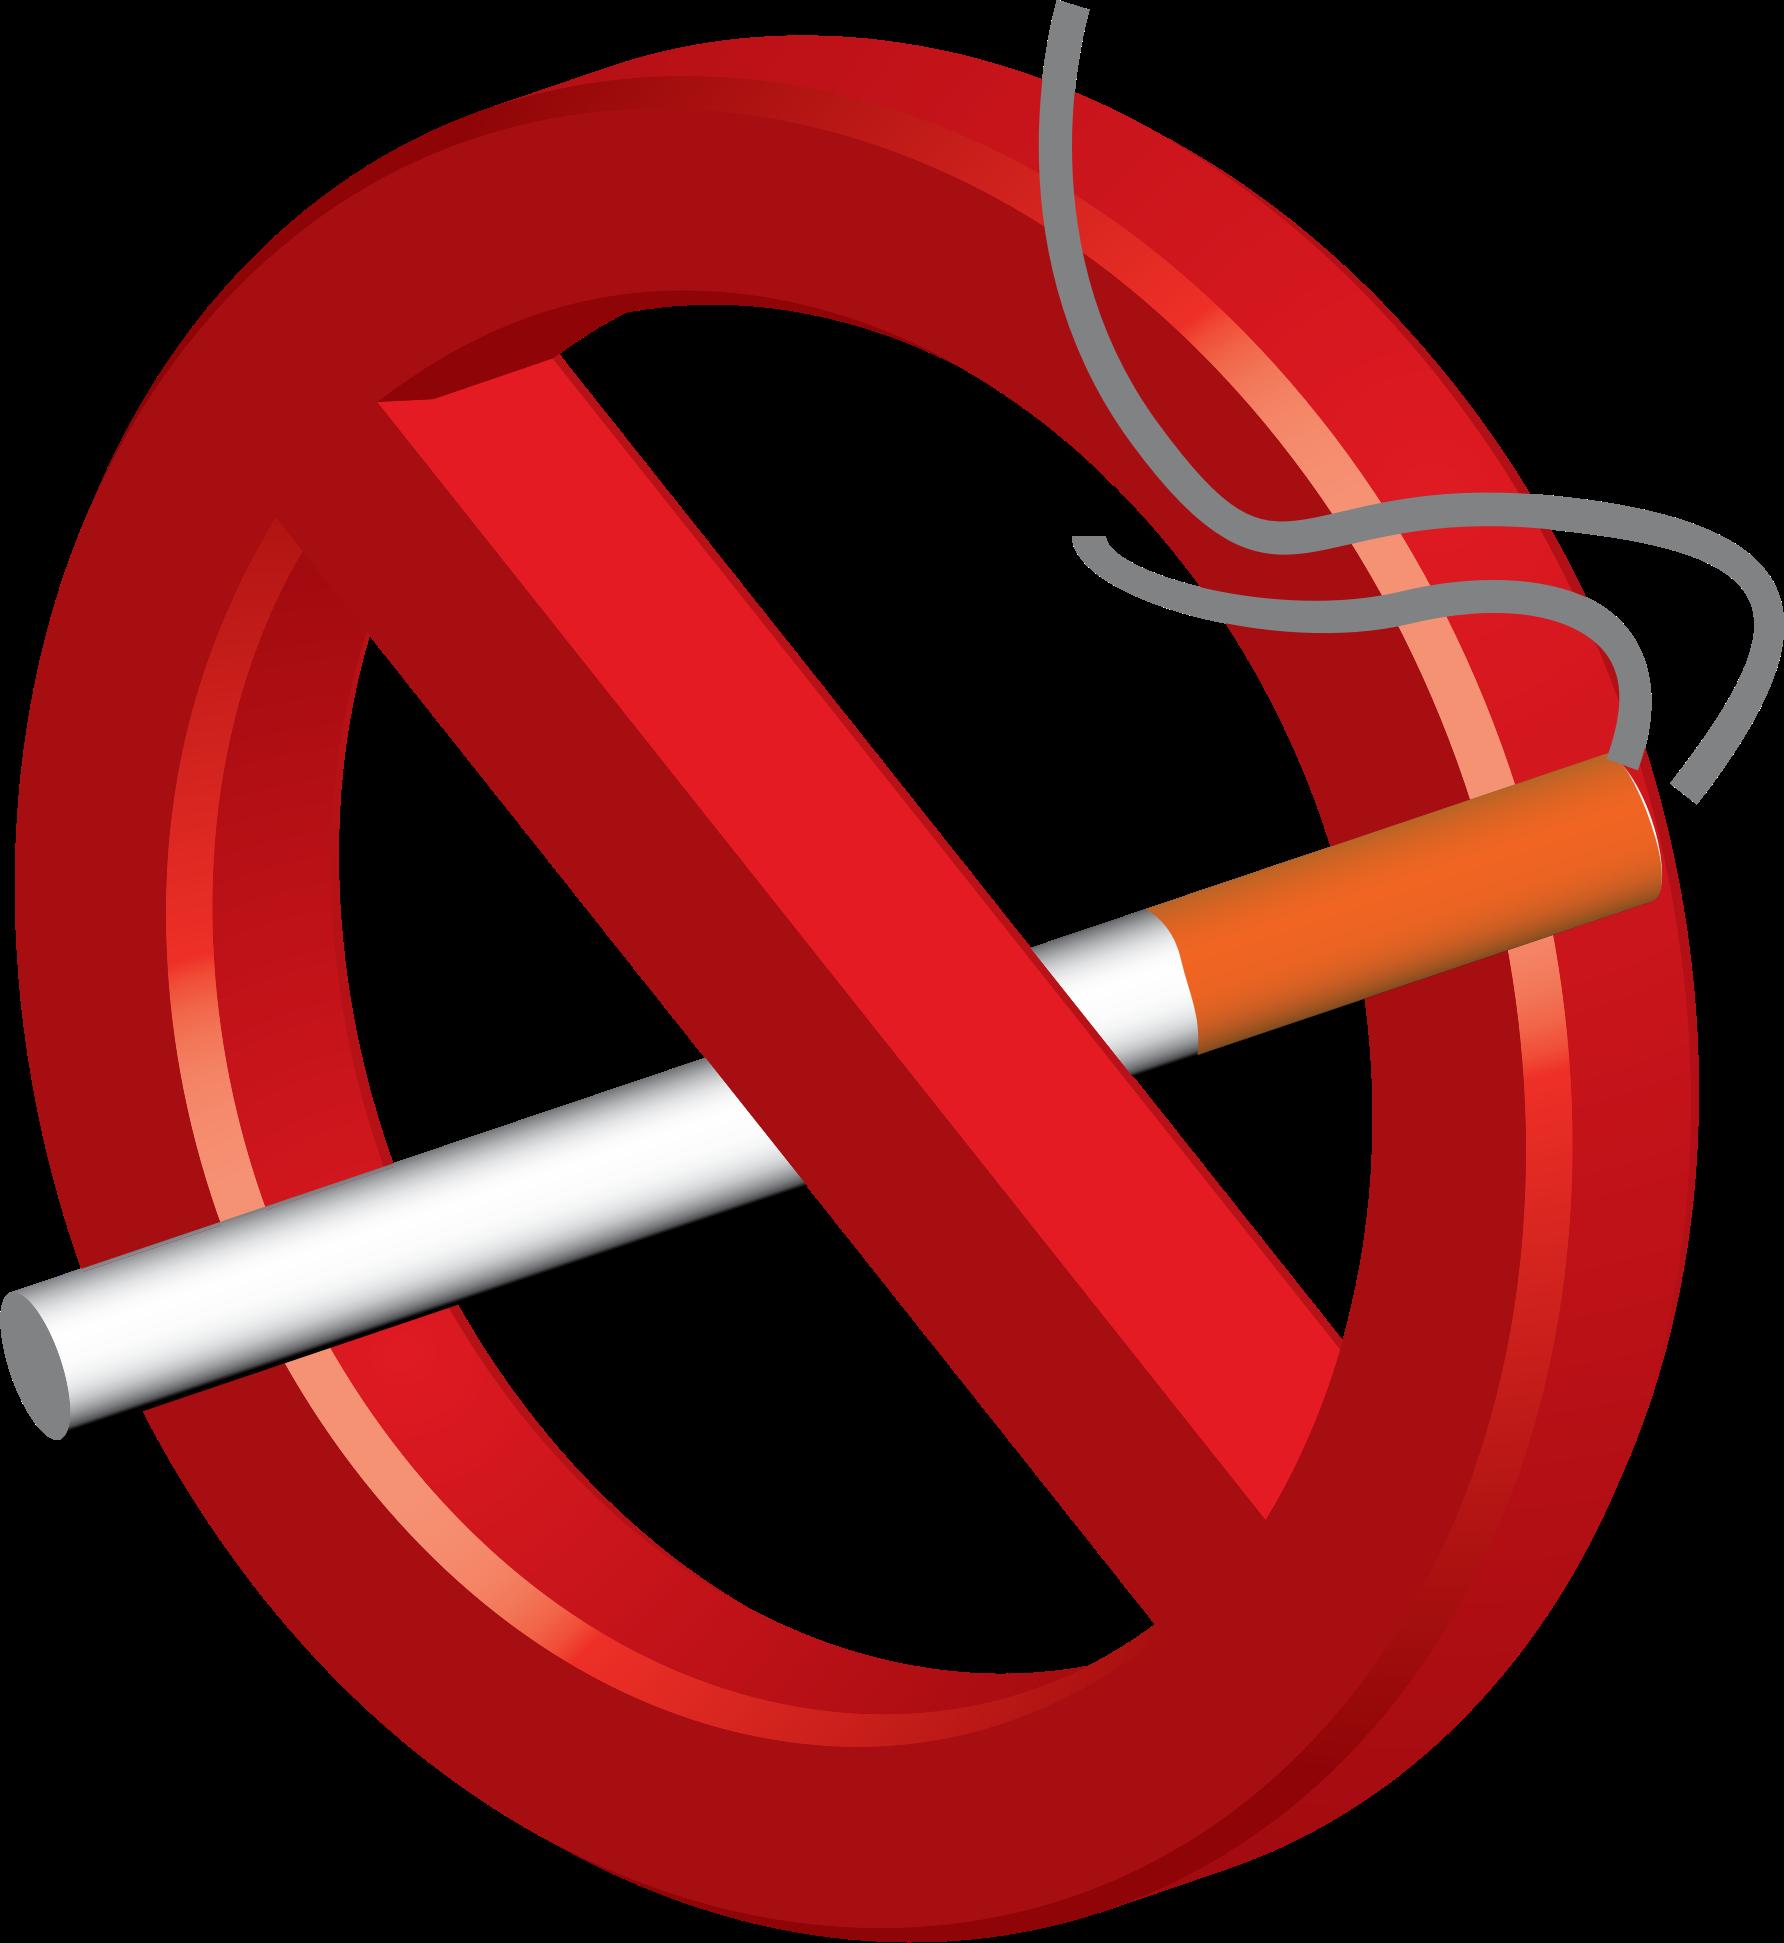 No Smoking clipart someone Clipart icon No Smoking No